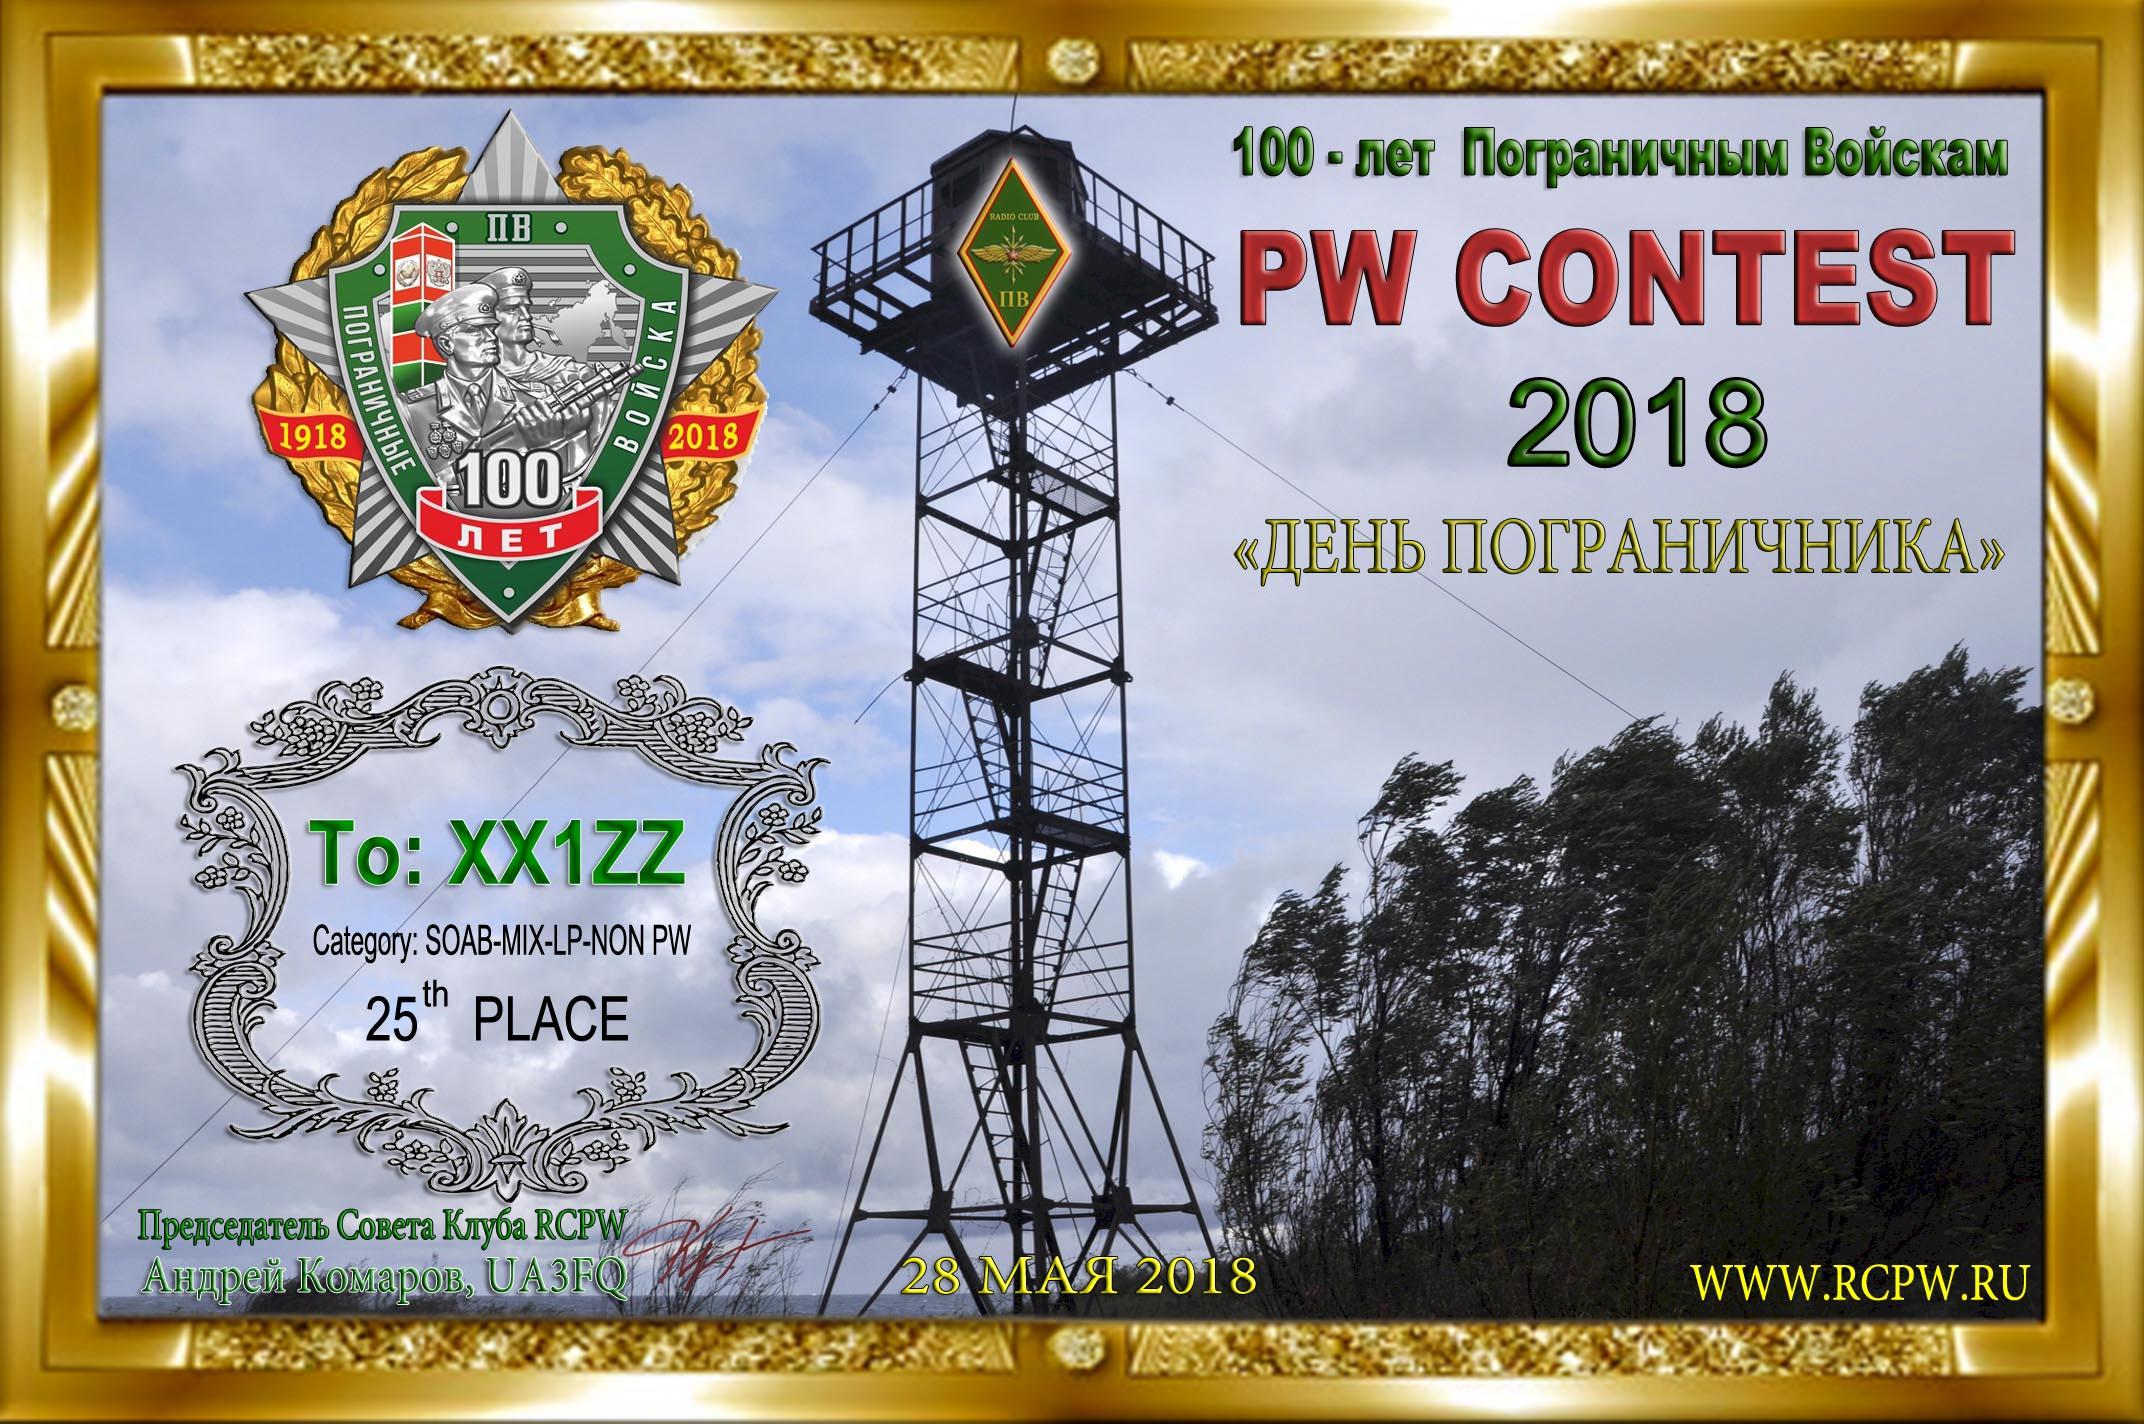 Нажмите на изображение для увеличения.  Название:2018-PW CONTEST.jpg Просмотров:9 Размер:511.4 Кб ID:211084